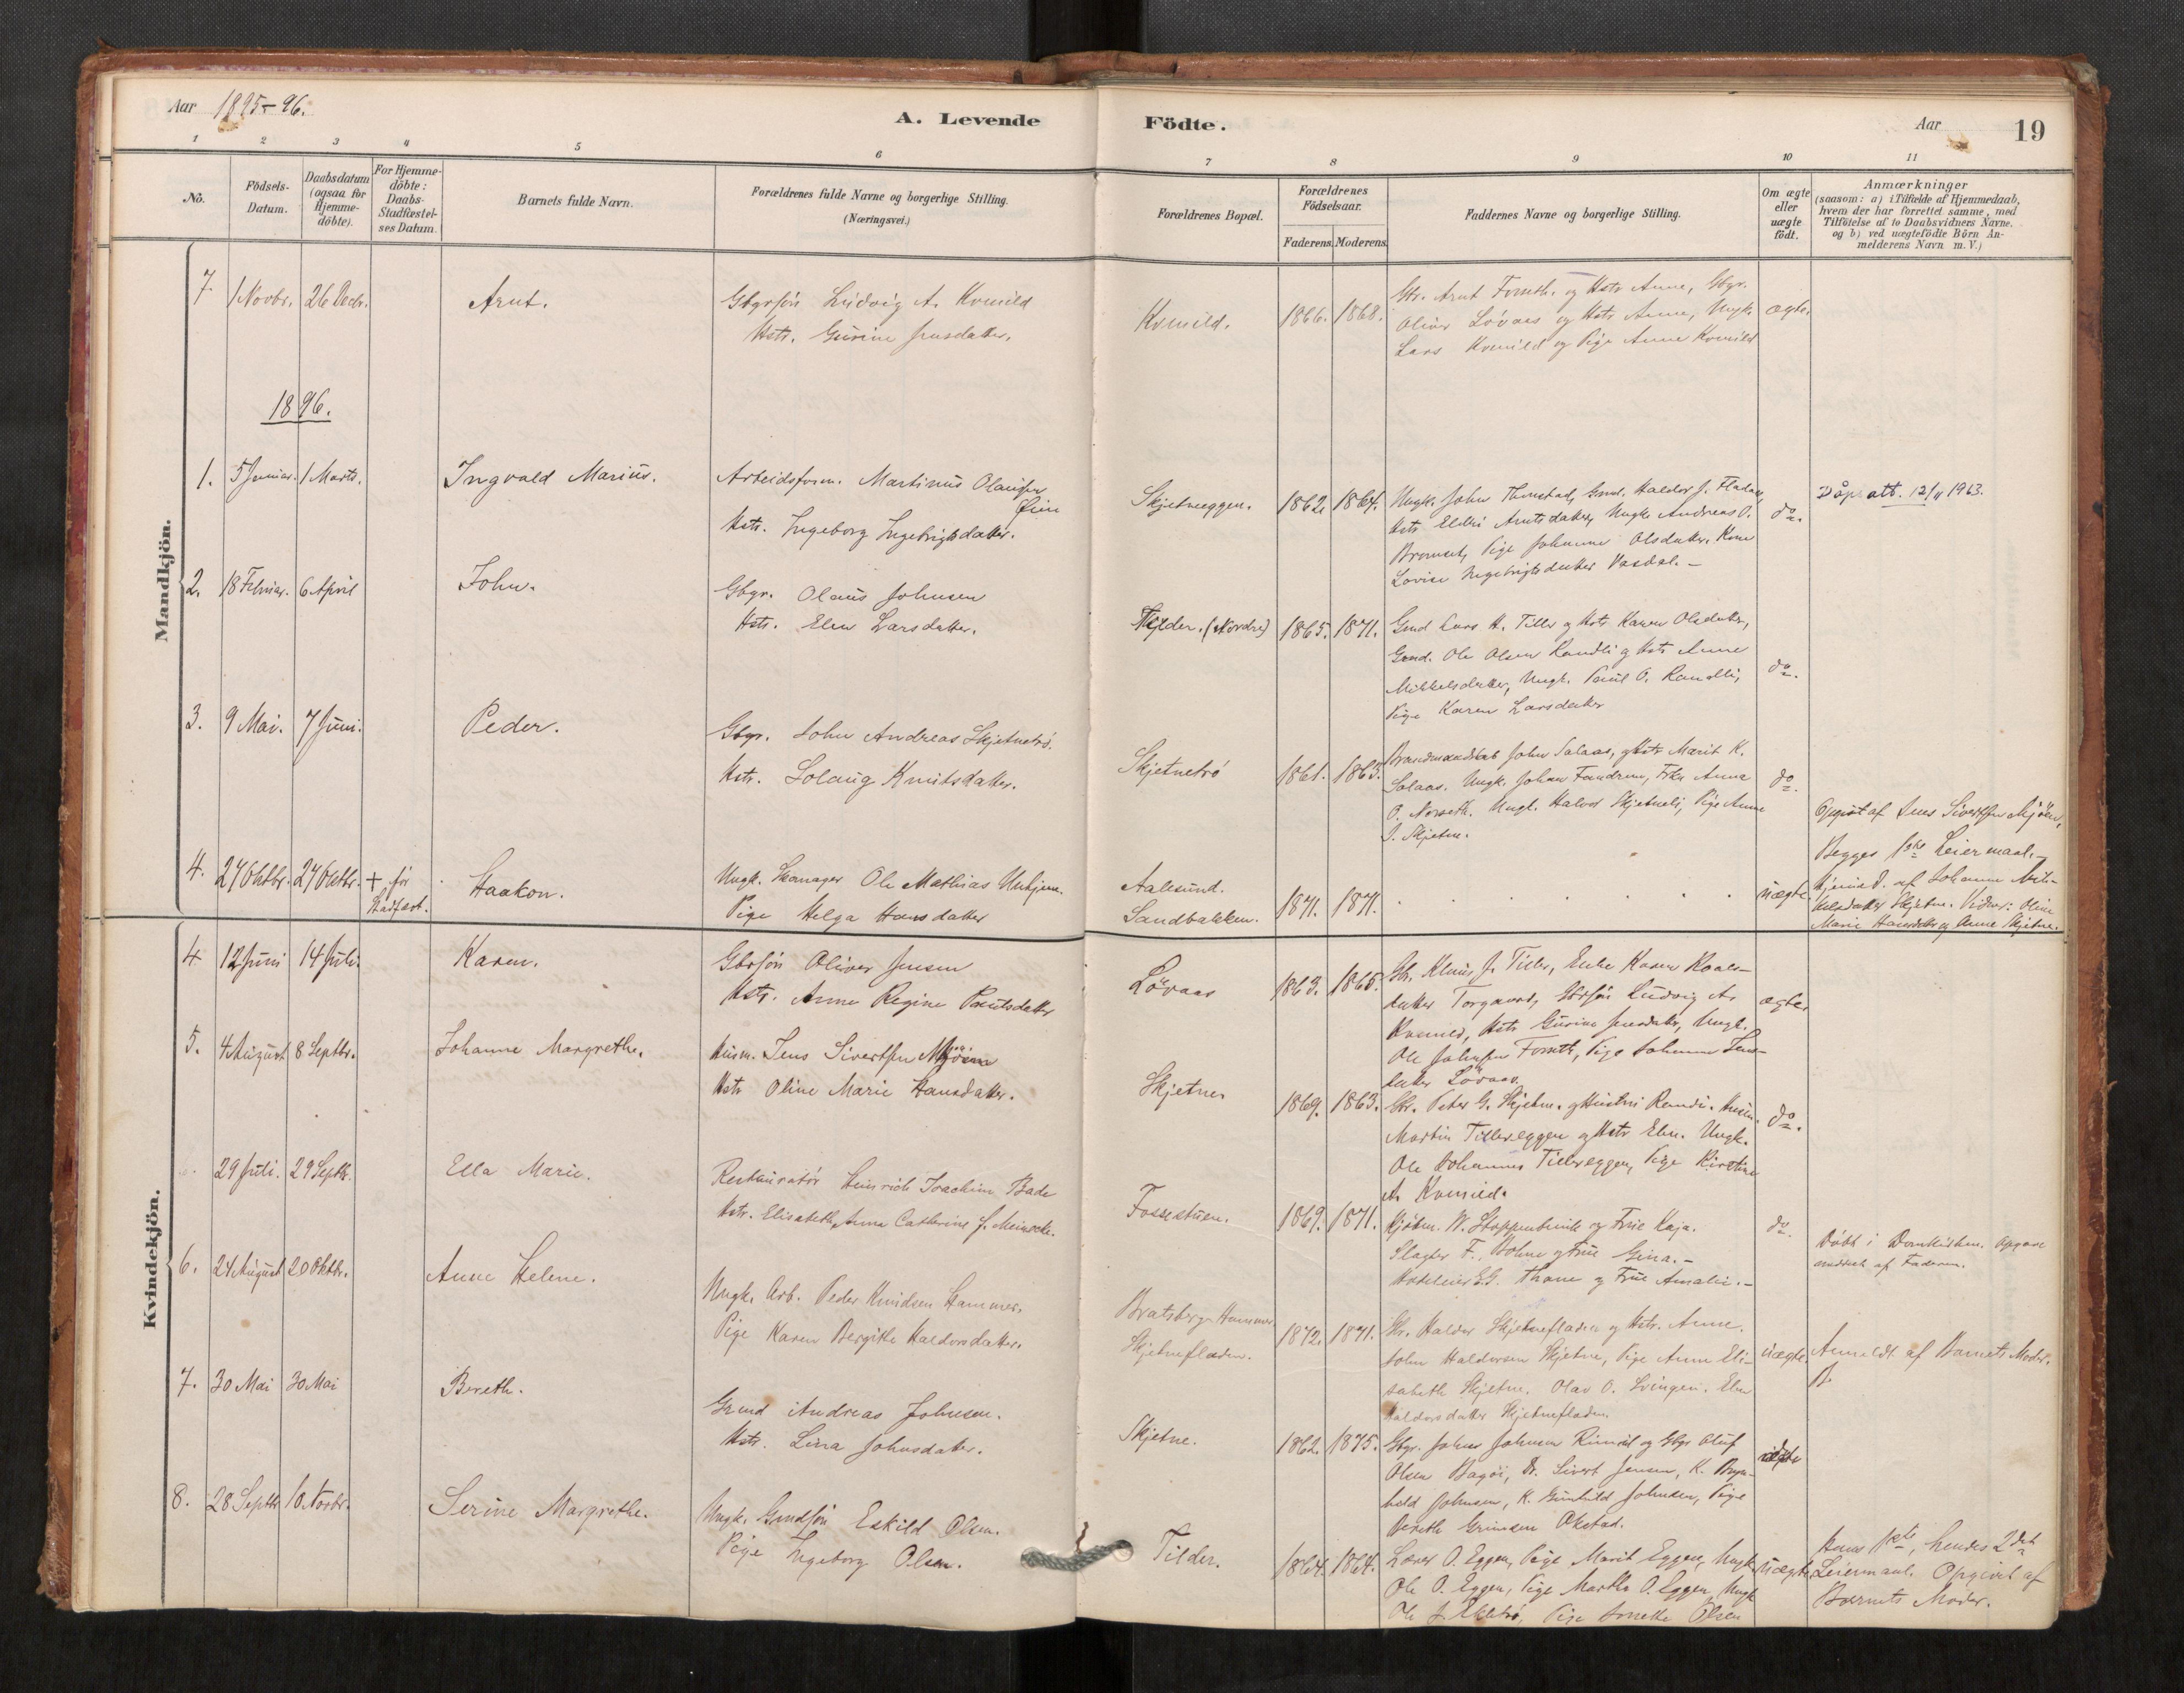 SAT, Klæbu sokneprestkontor, Parish register (official) no. 1, 1880-1900, p. 19